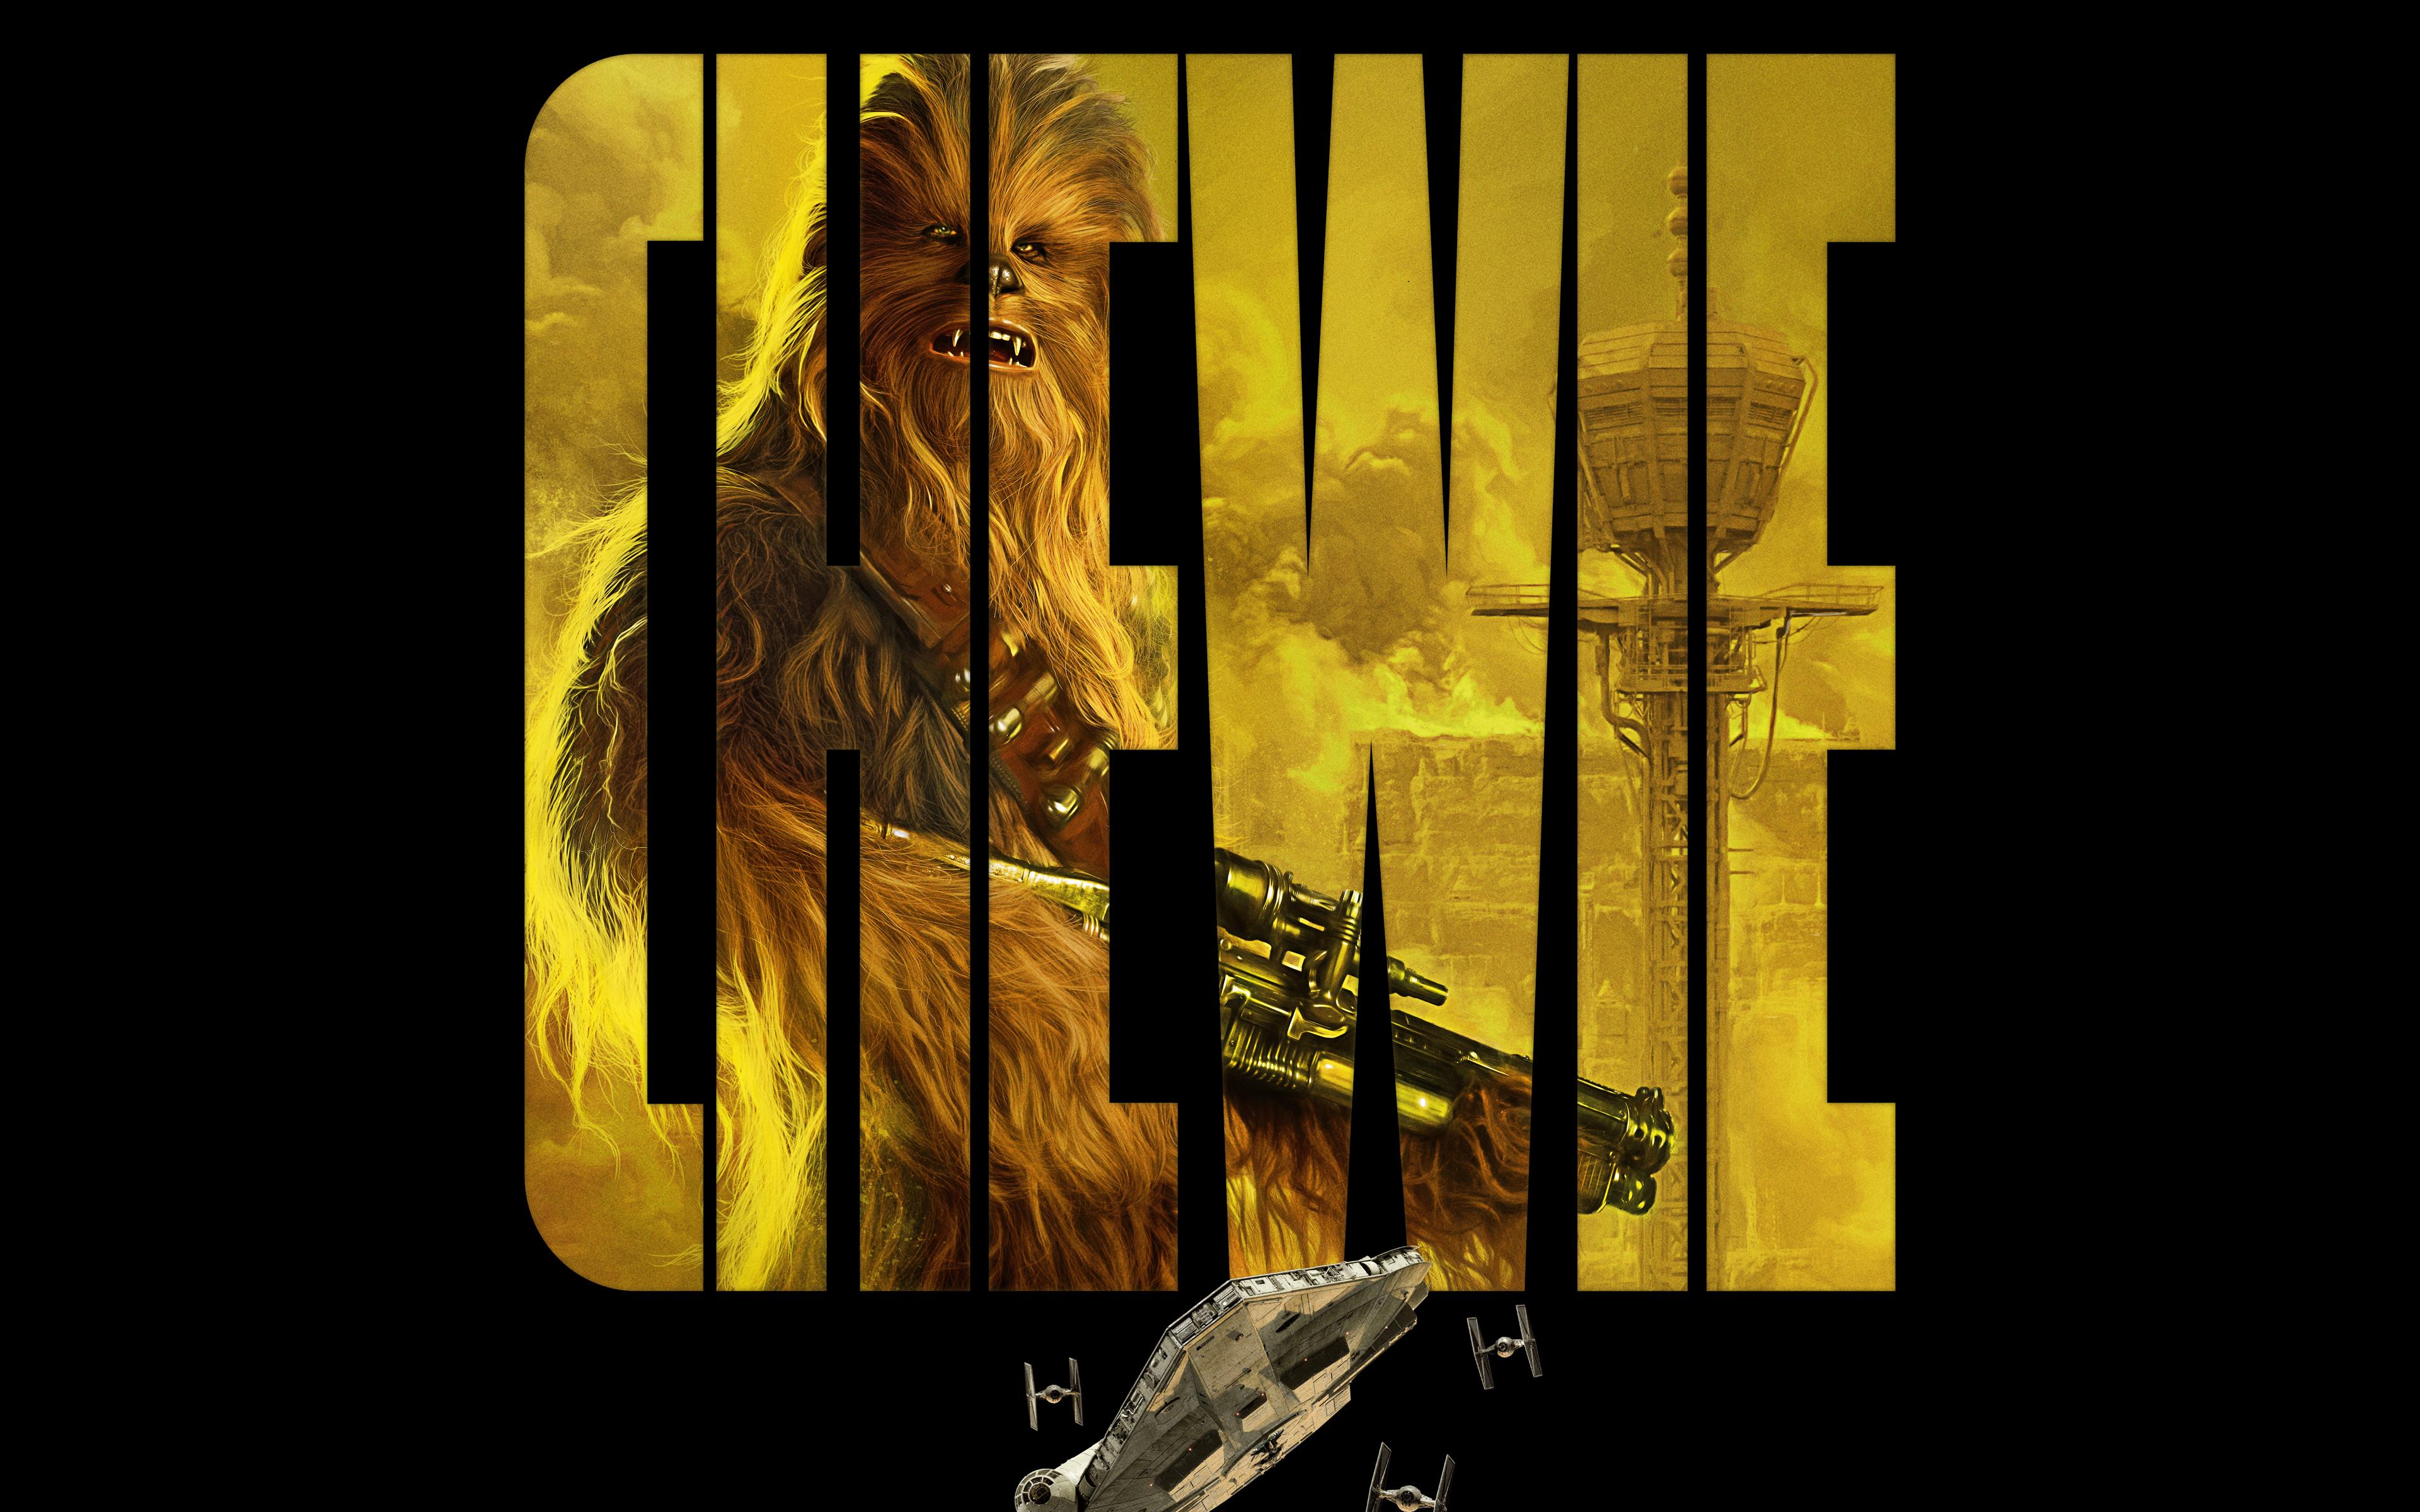 Wallpaper 4k Chewie In Solo A Star Wars Story 4k 8k Chewie Lawrence Solo Star Story Wars